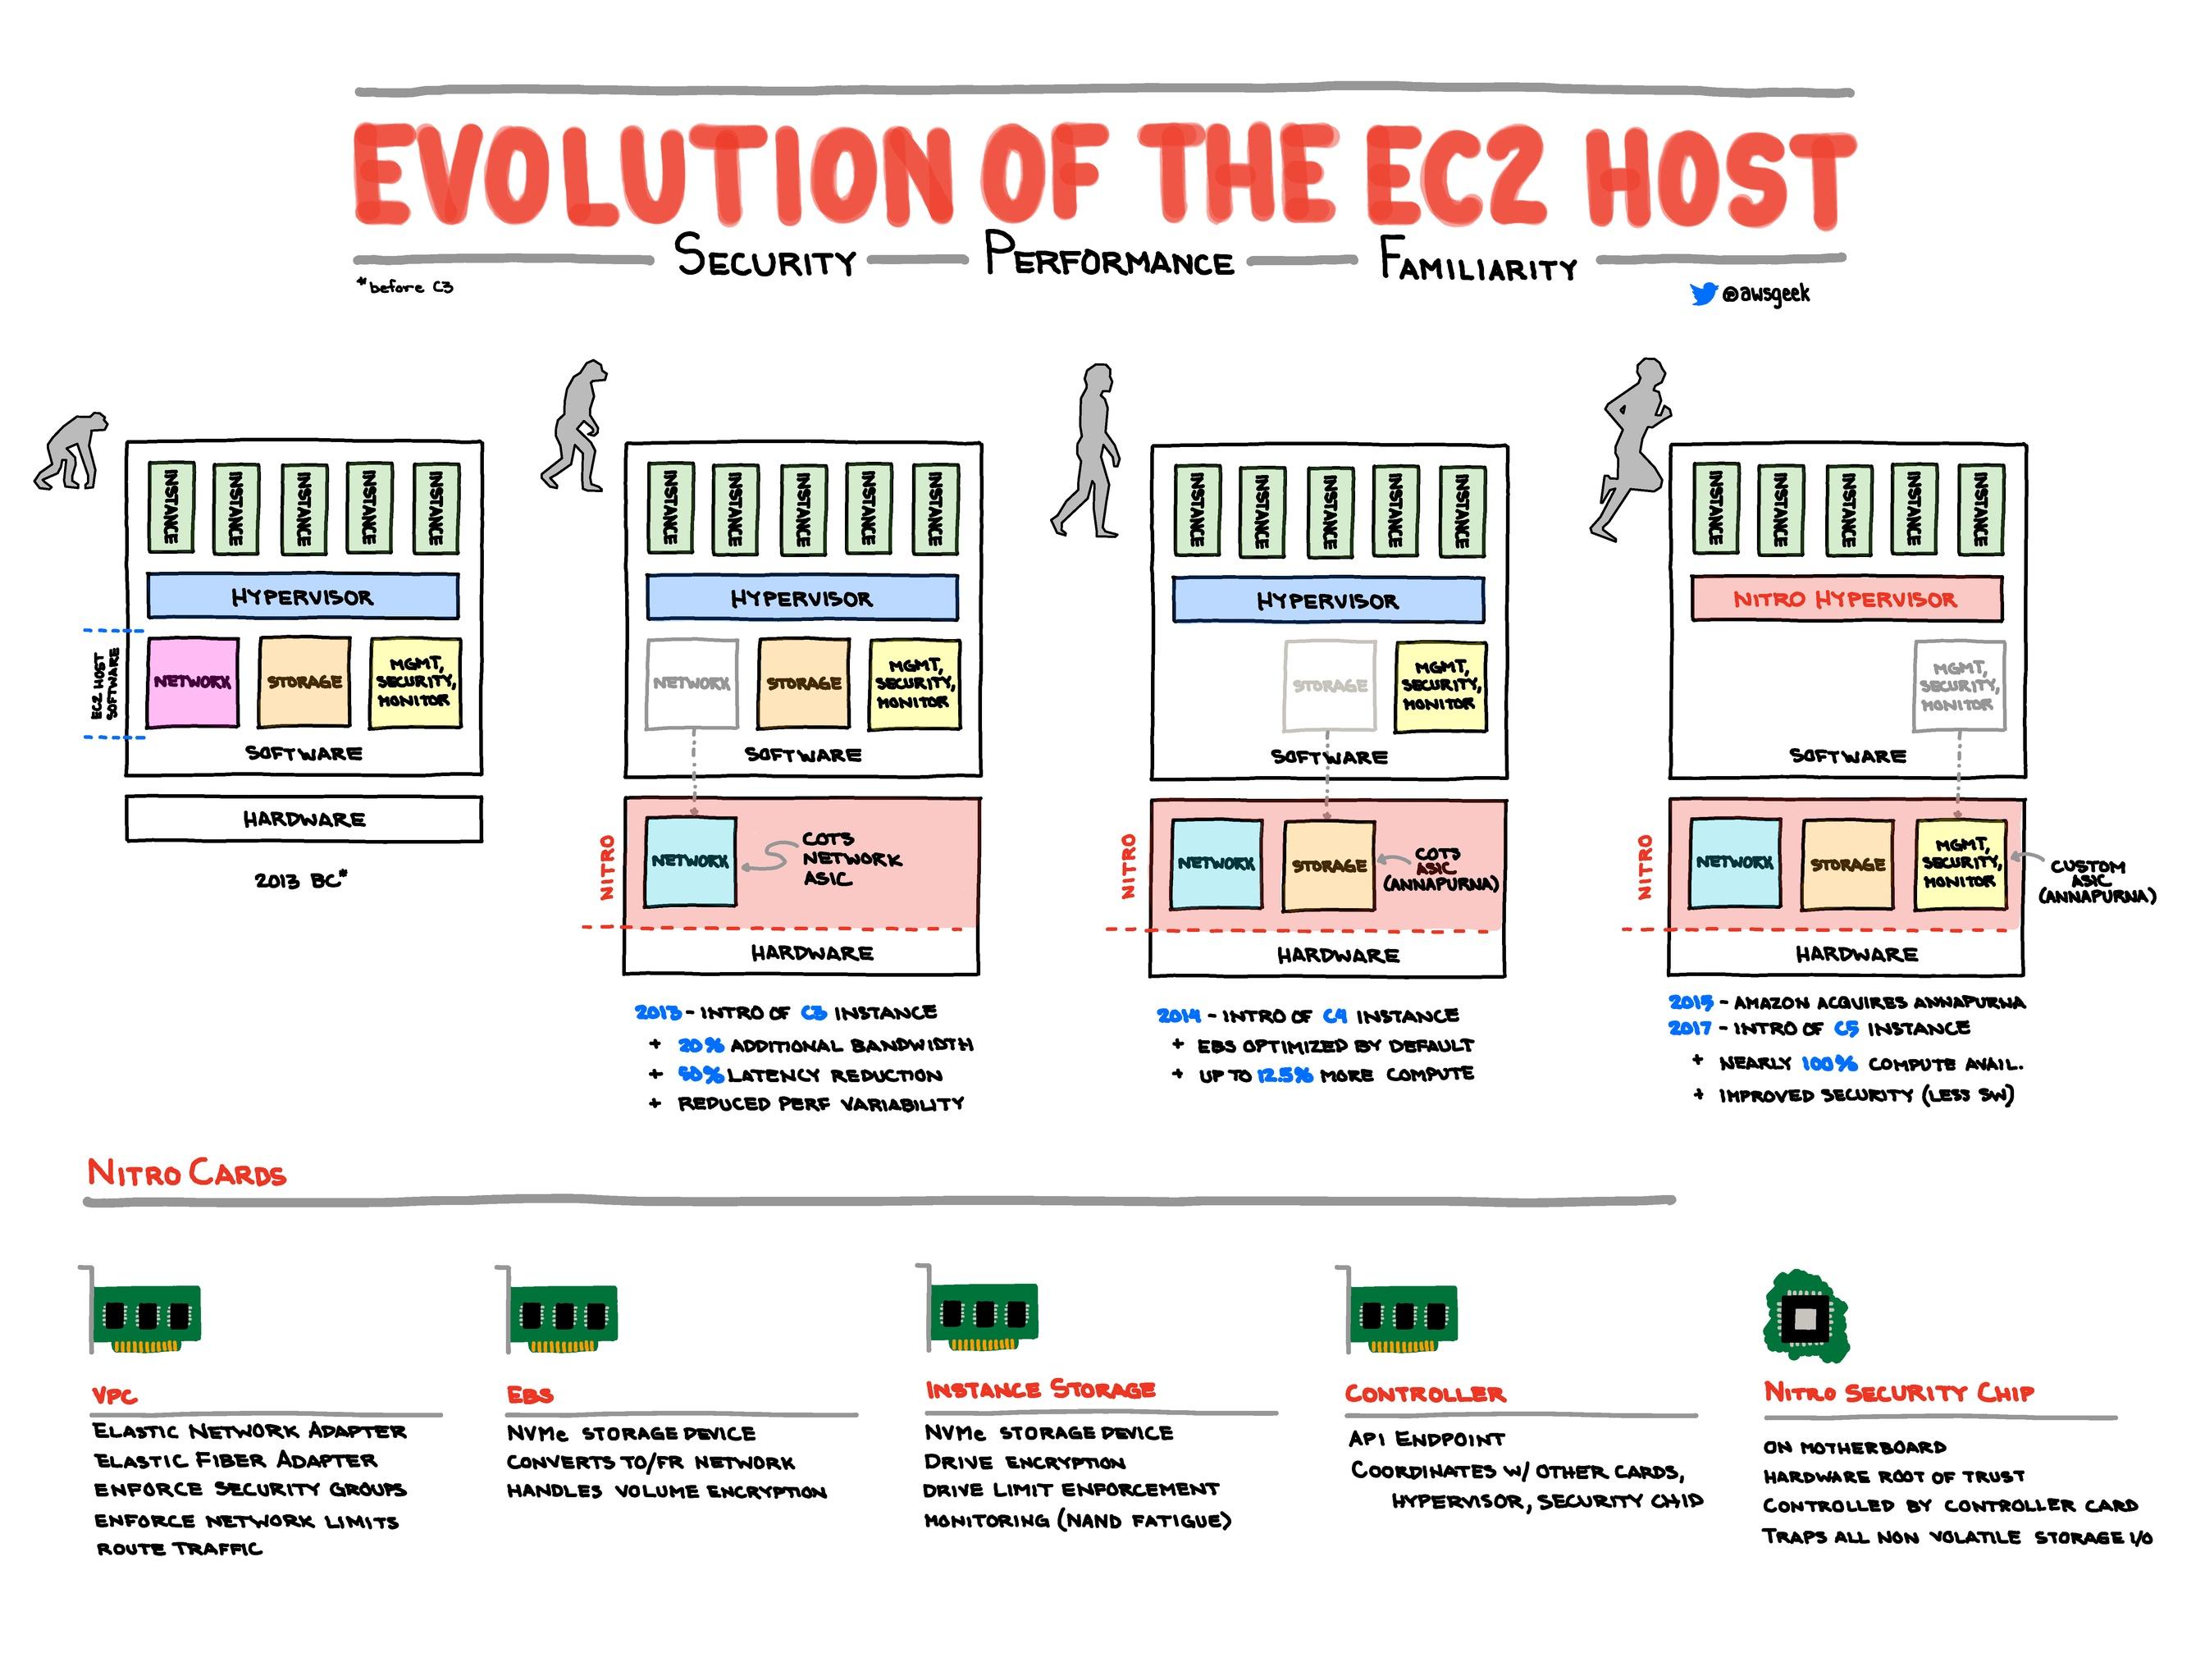 Evolution-of-the-EC2-Host.jpg